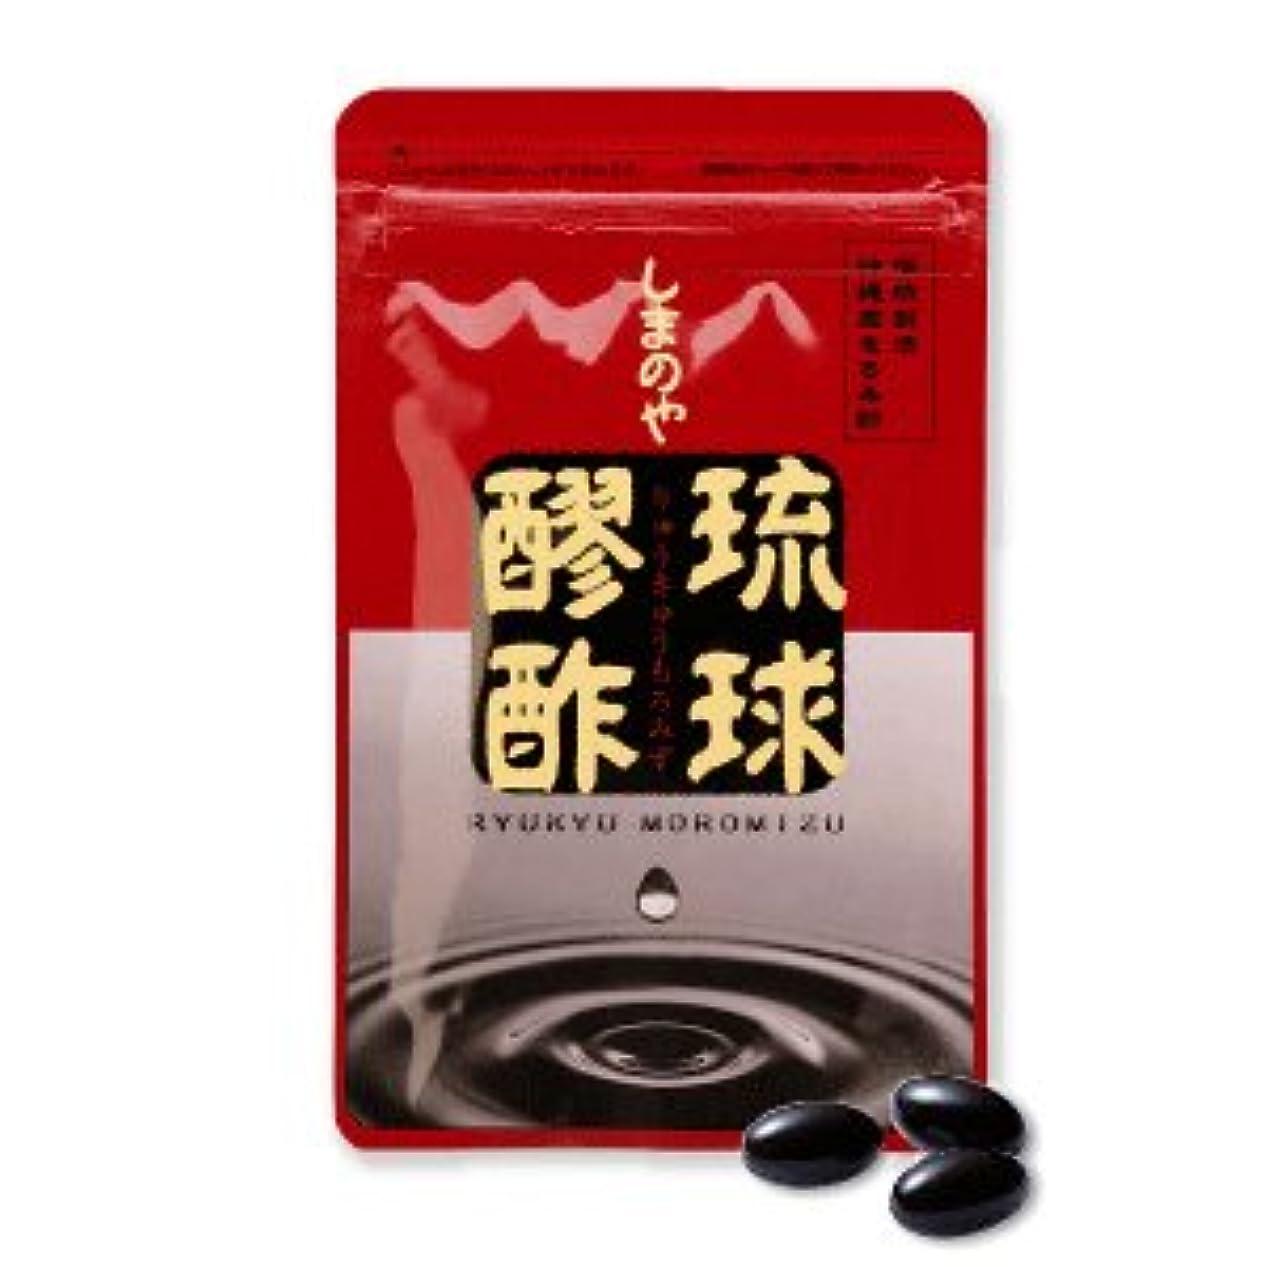 ぎこちないレーニン主義貧困しまのや 琉球もろみ酢 93粒 クエン酸 アミノ酸たっぷり